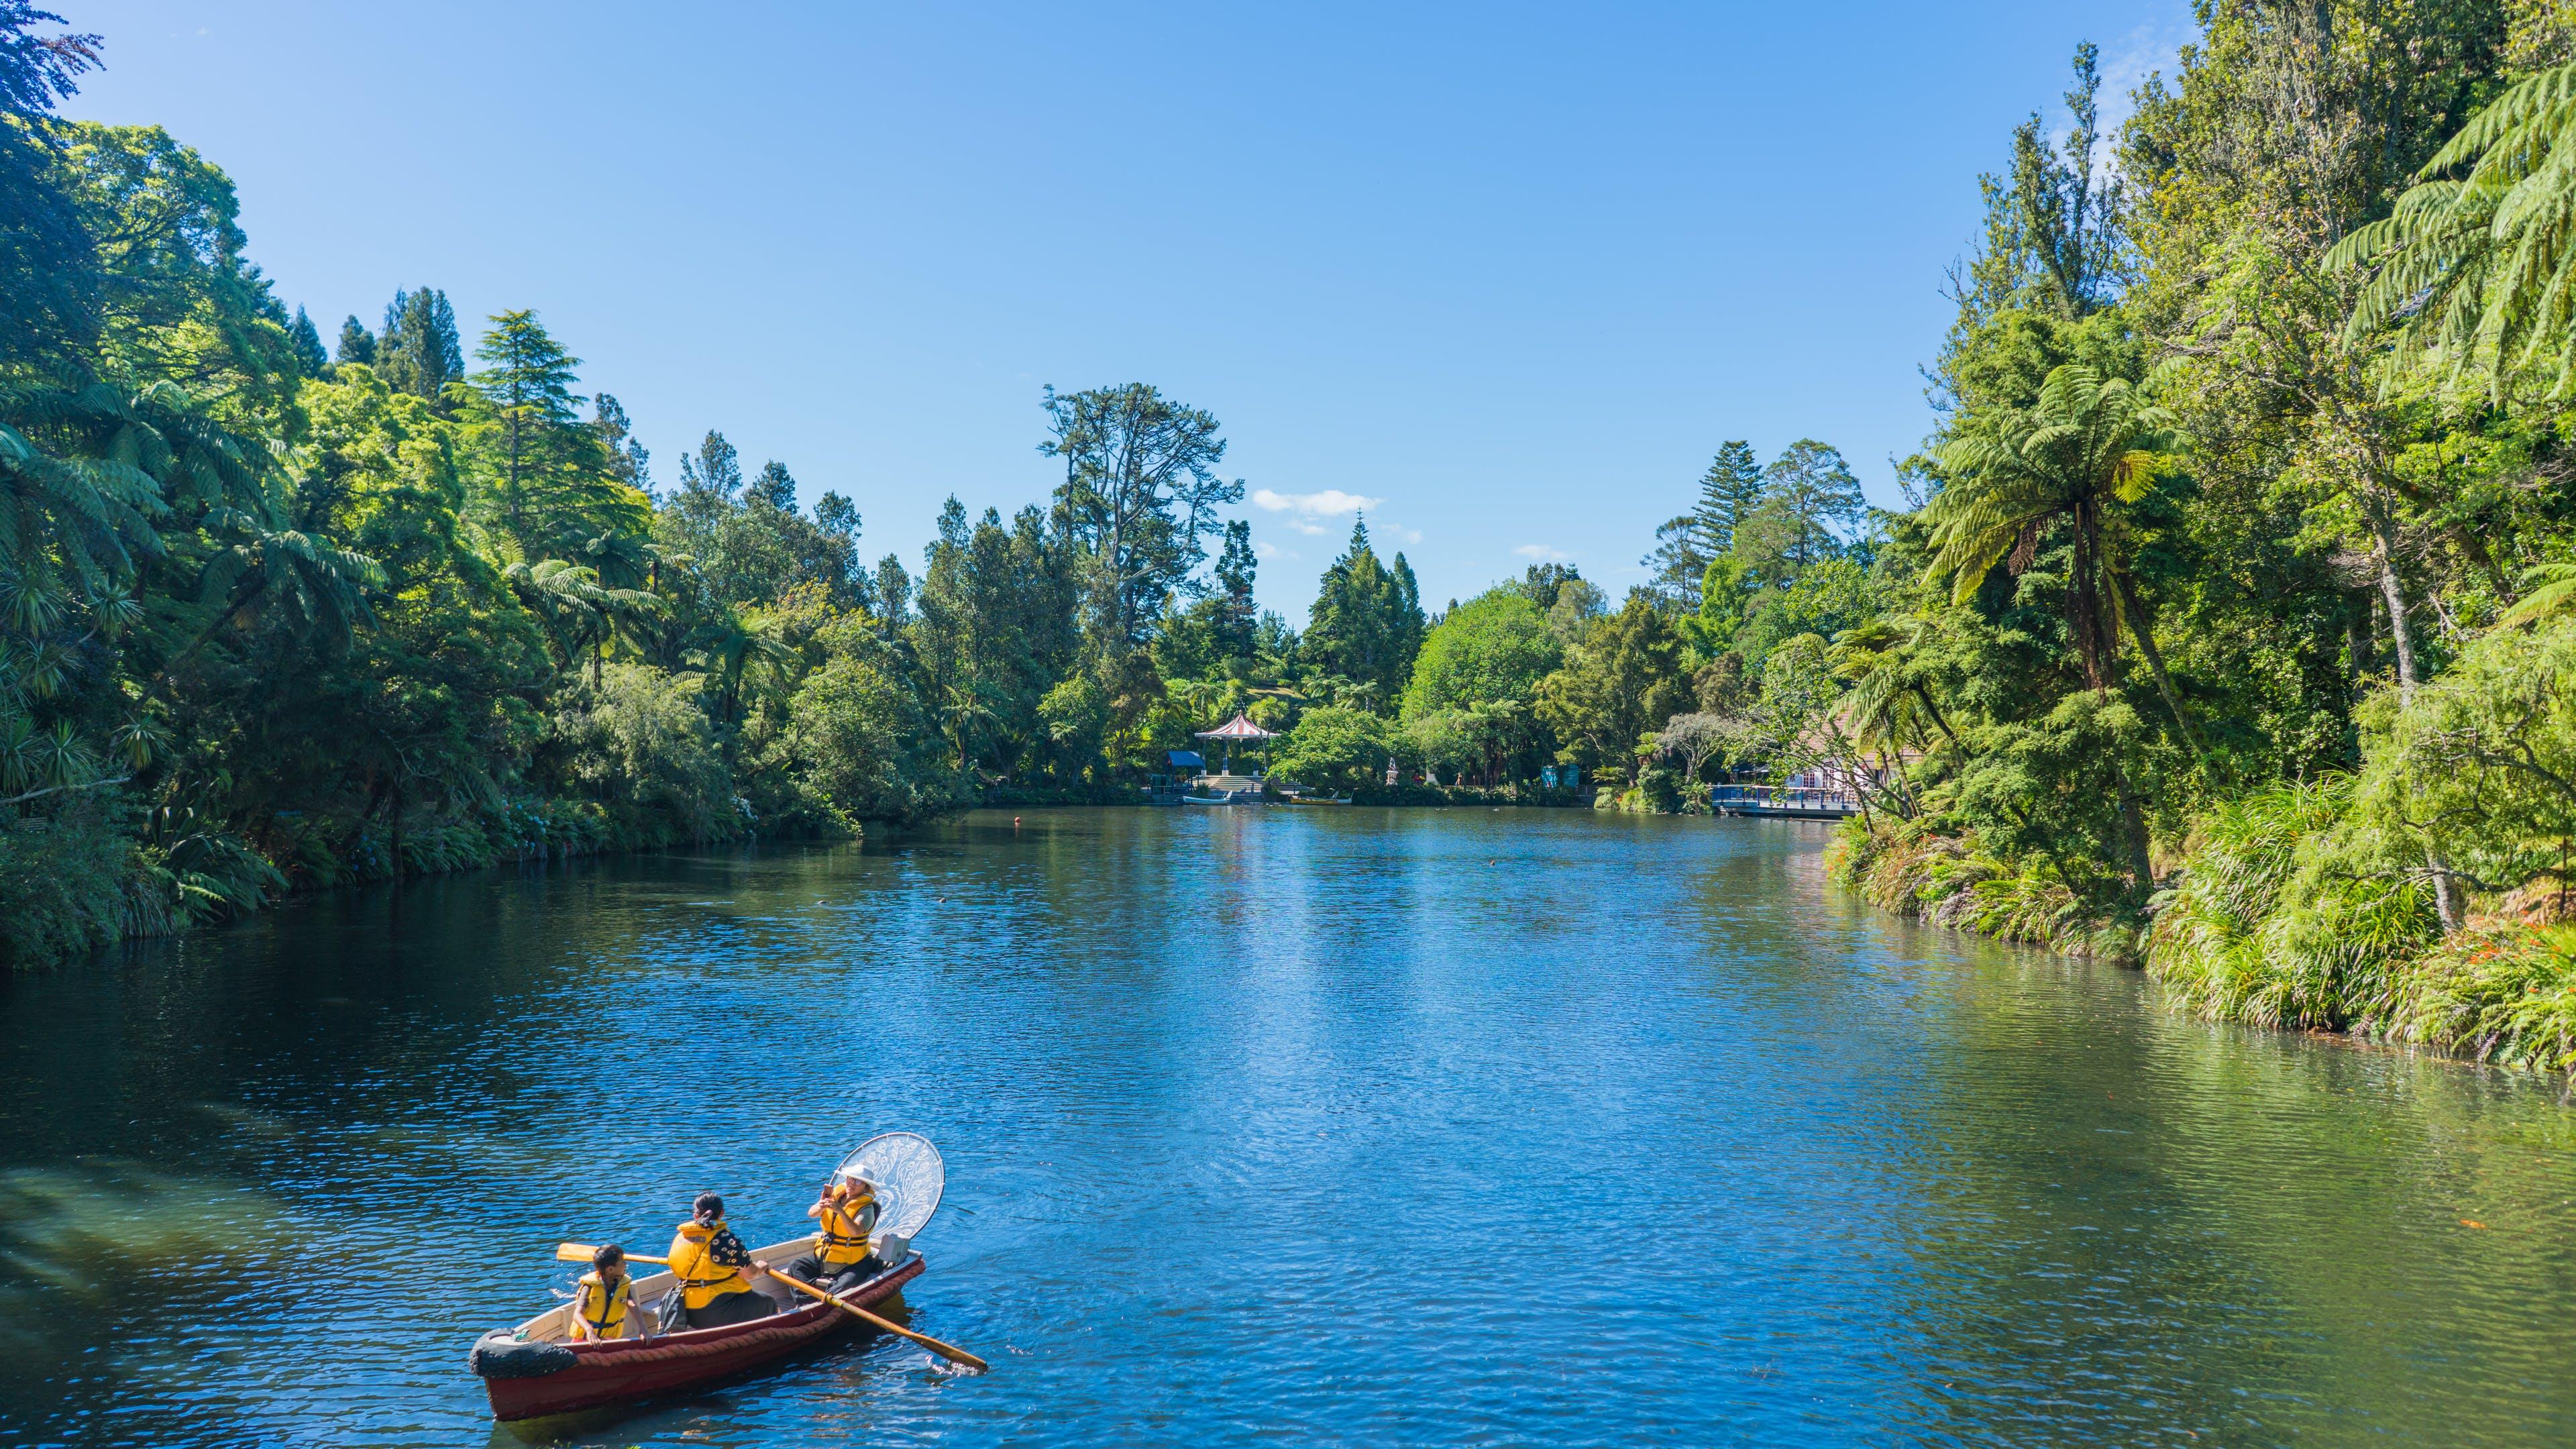 Gratis lagerfoto af båd, flod, folk, himmel